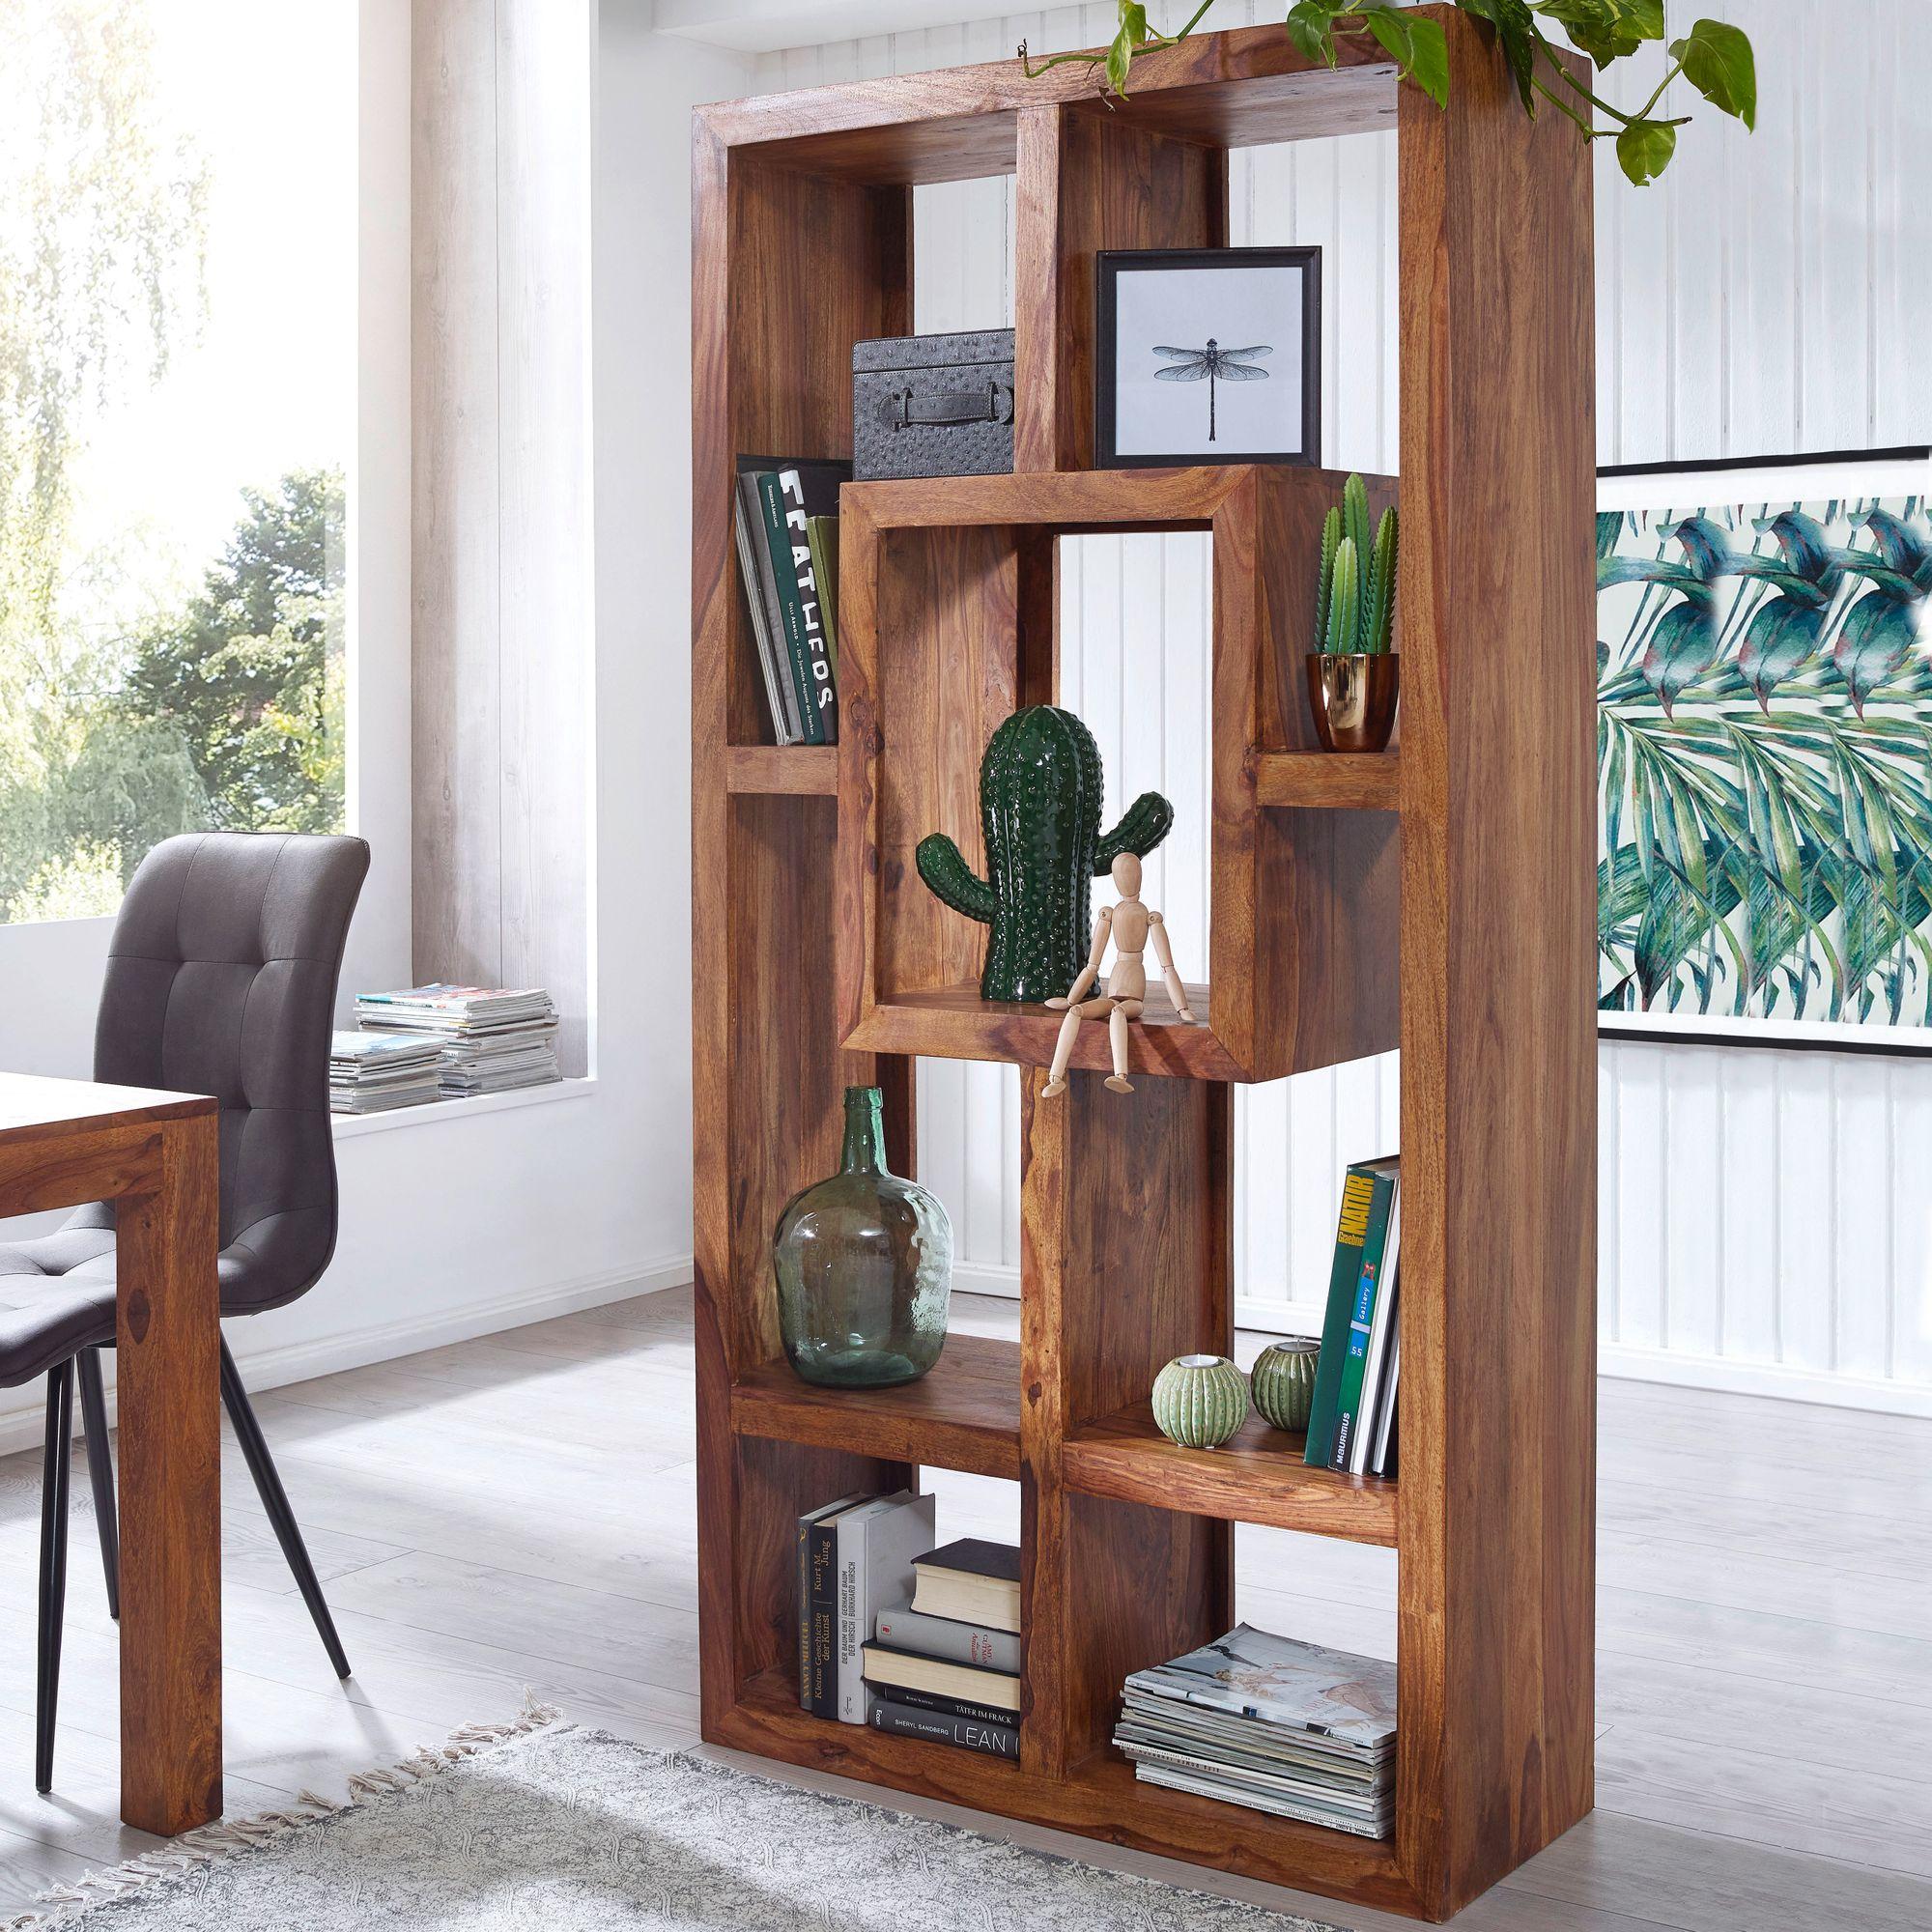 FineBuy Bücherregal Massiv-Holz Sheesham 3 x 3 cm Wohnzimmer-Regal  Ablagefächer Design Landhaus-Stil Standregal